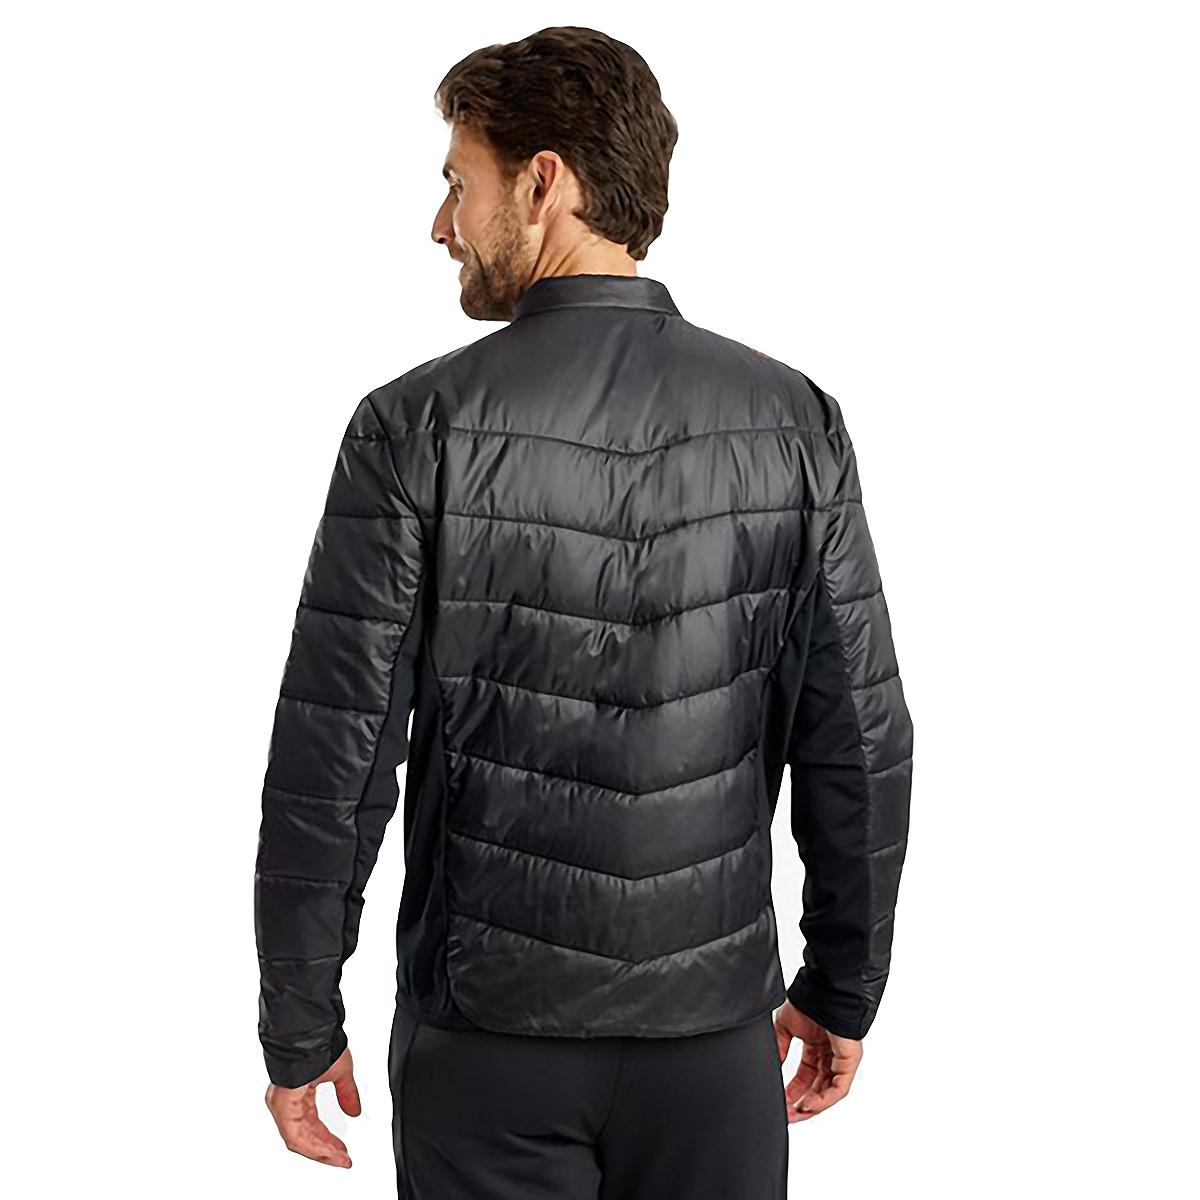 Men's Saucony Snowdrift Jacket  - Color: Black - Size: S, Black, large, image 2